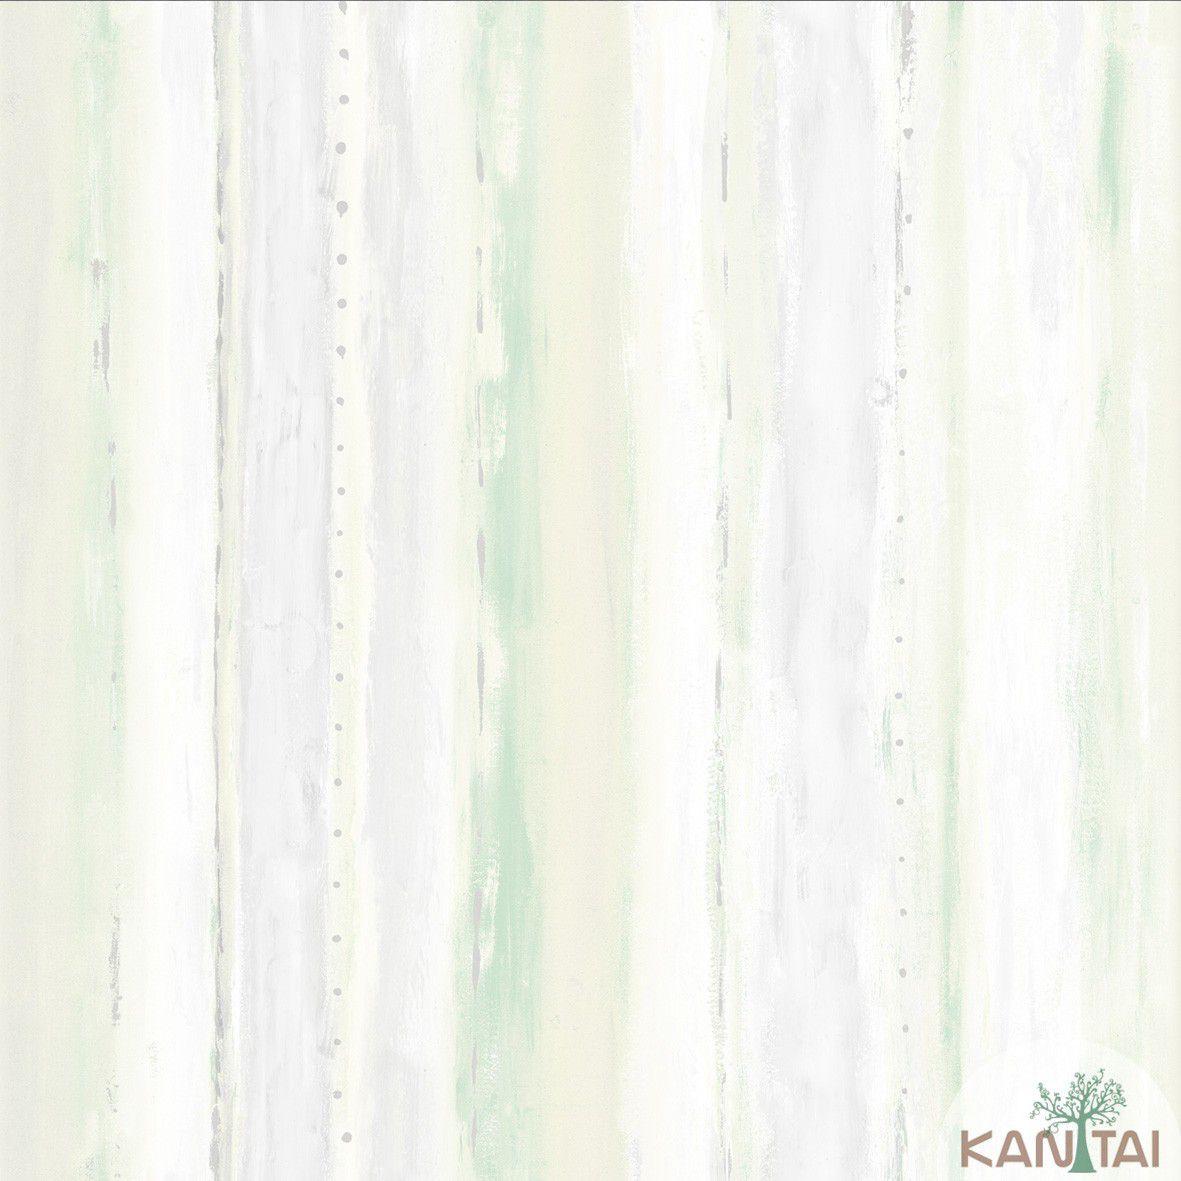 Papel de Parede  Kan Tai Vinilico Coleção Style Textura Aquarelado Cinza, Creme, Verde